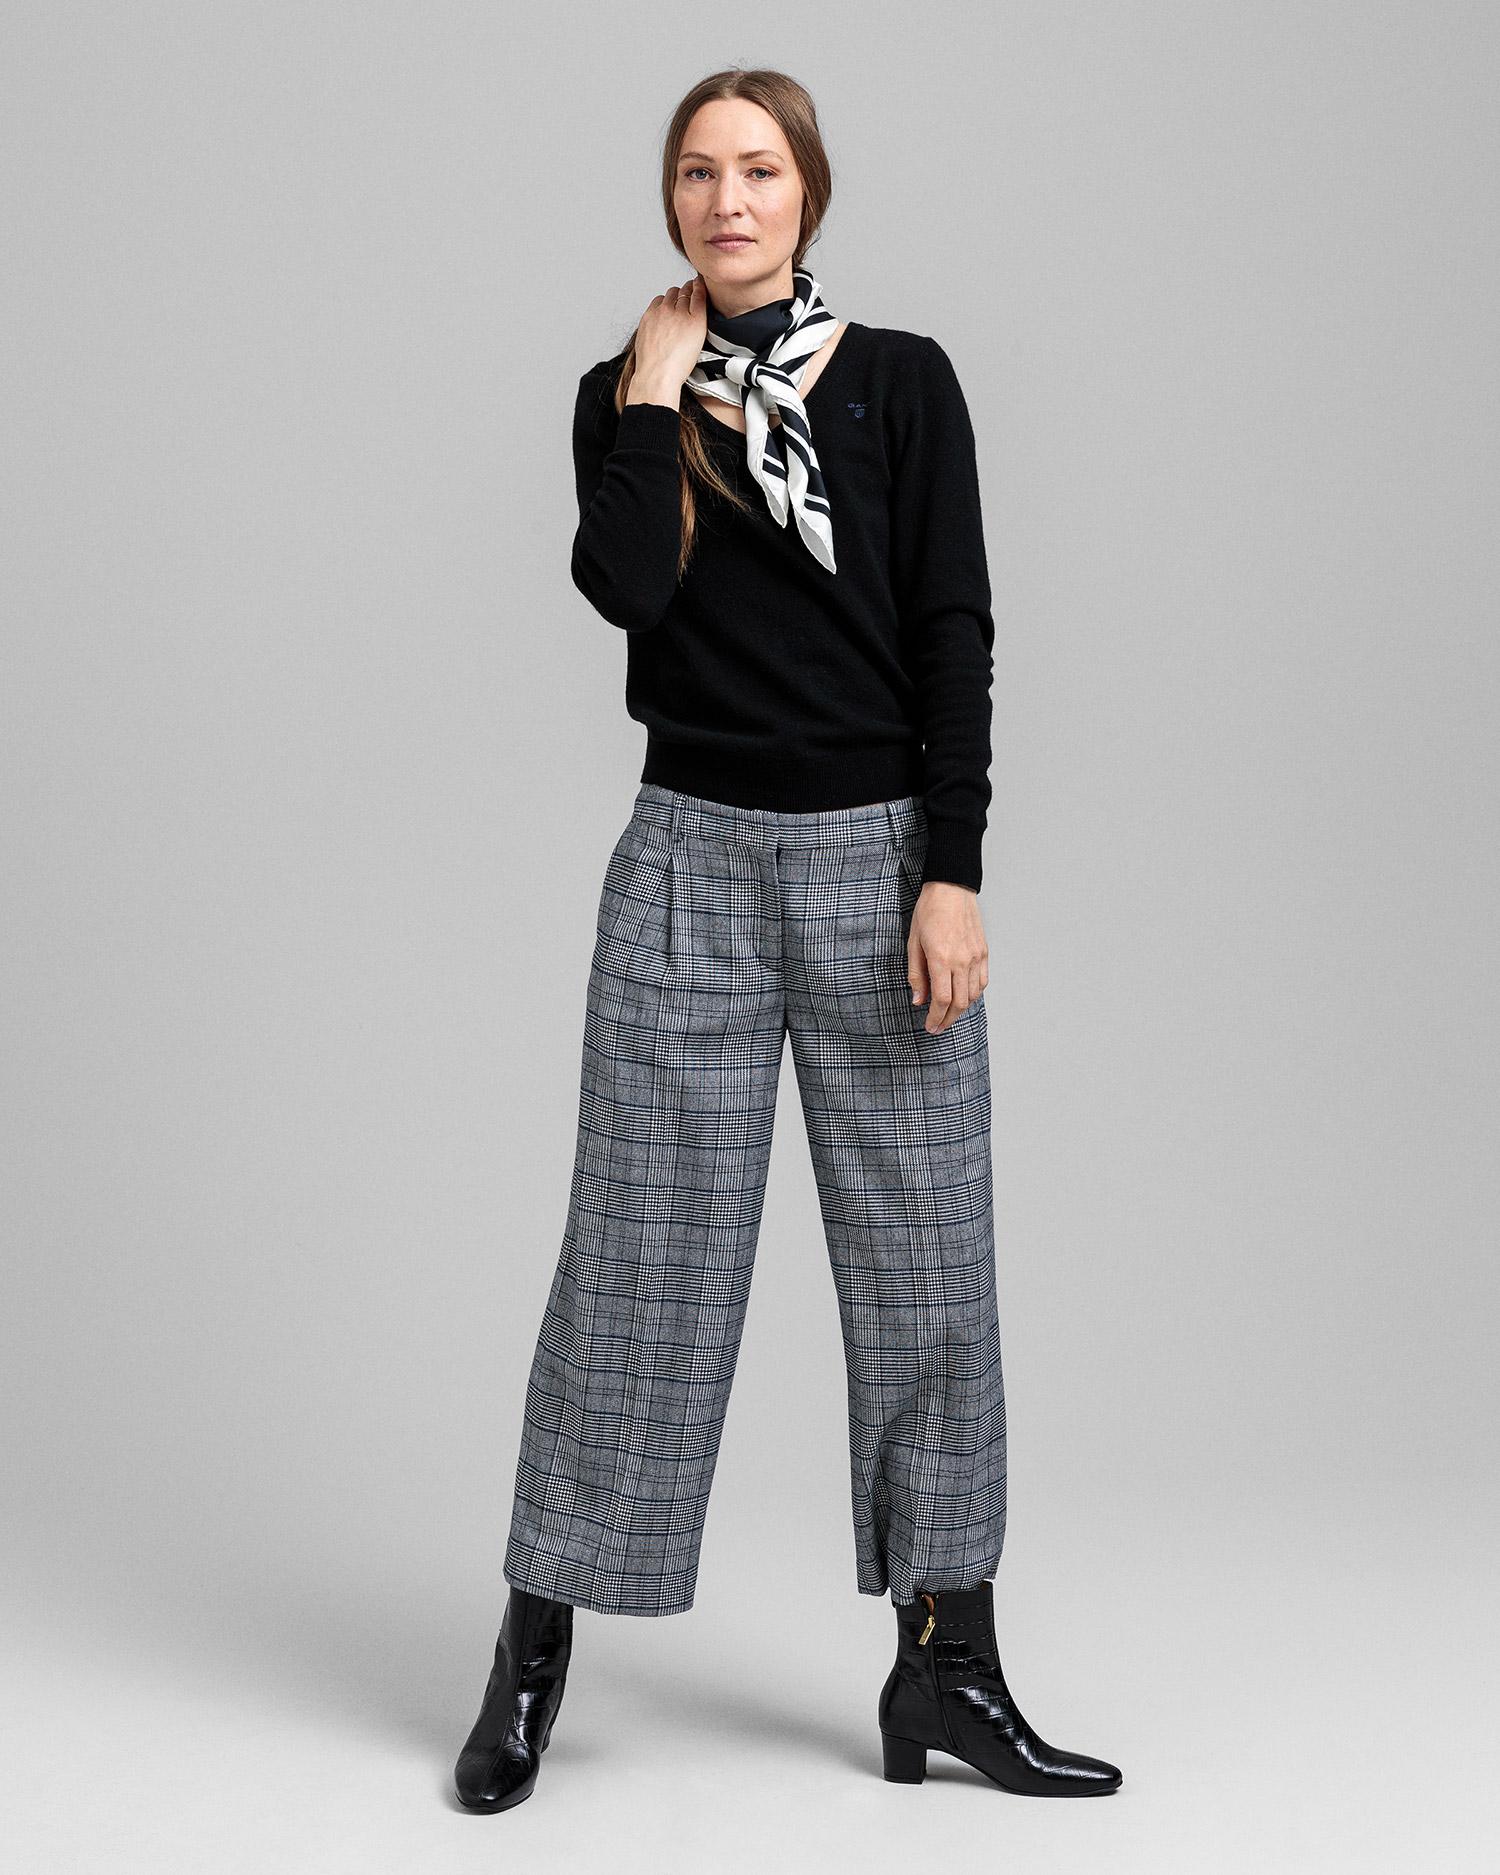 GANT damski sweter z bardzo delikatnej wełny jagnięcej z dekoltem w kształcie litery V - 4800502